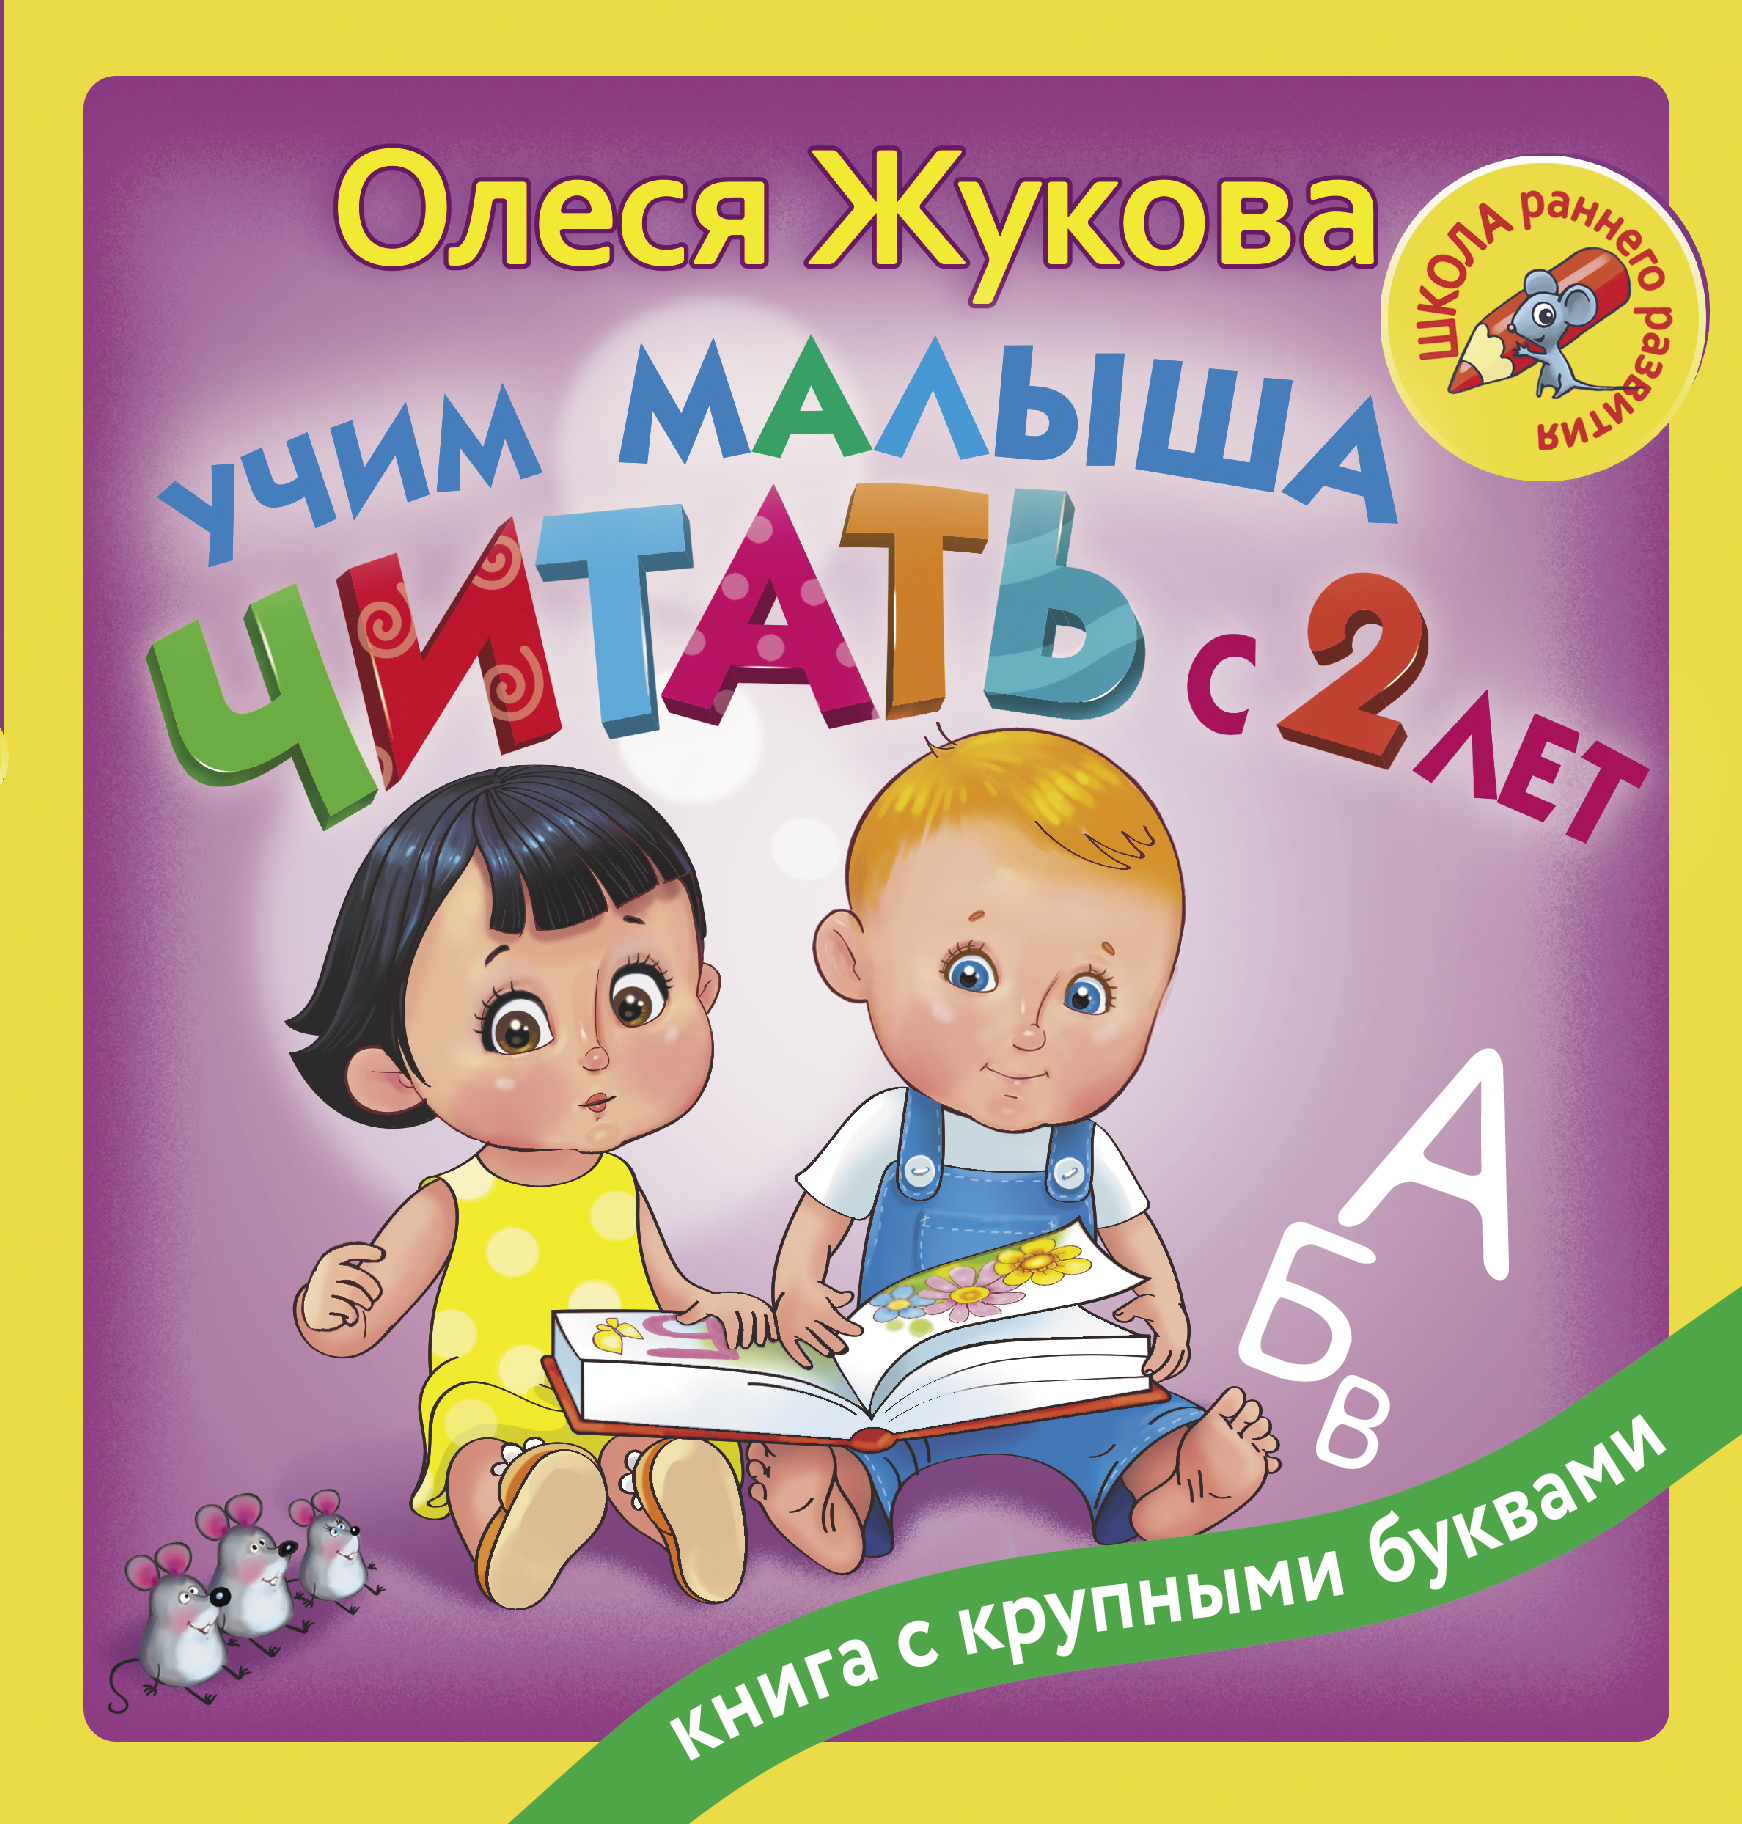 Олеся Жукова Учим малыша читать с 2 лет цена 2017